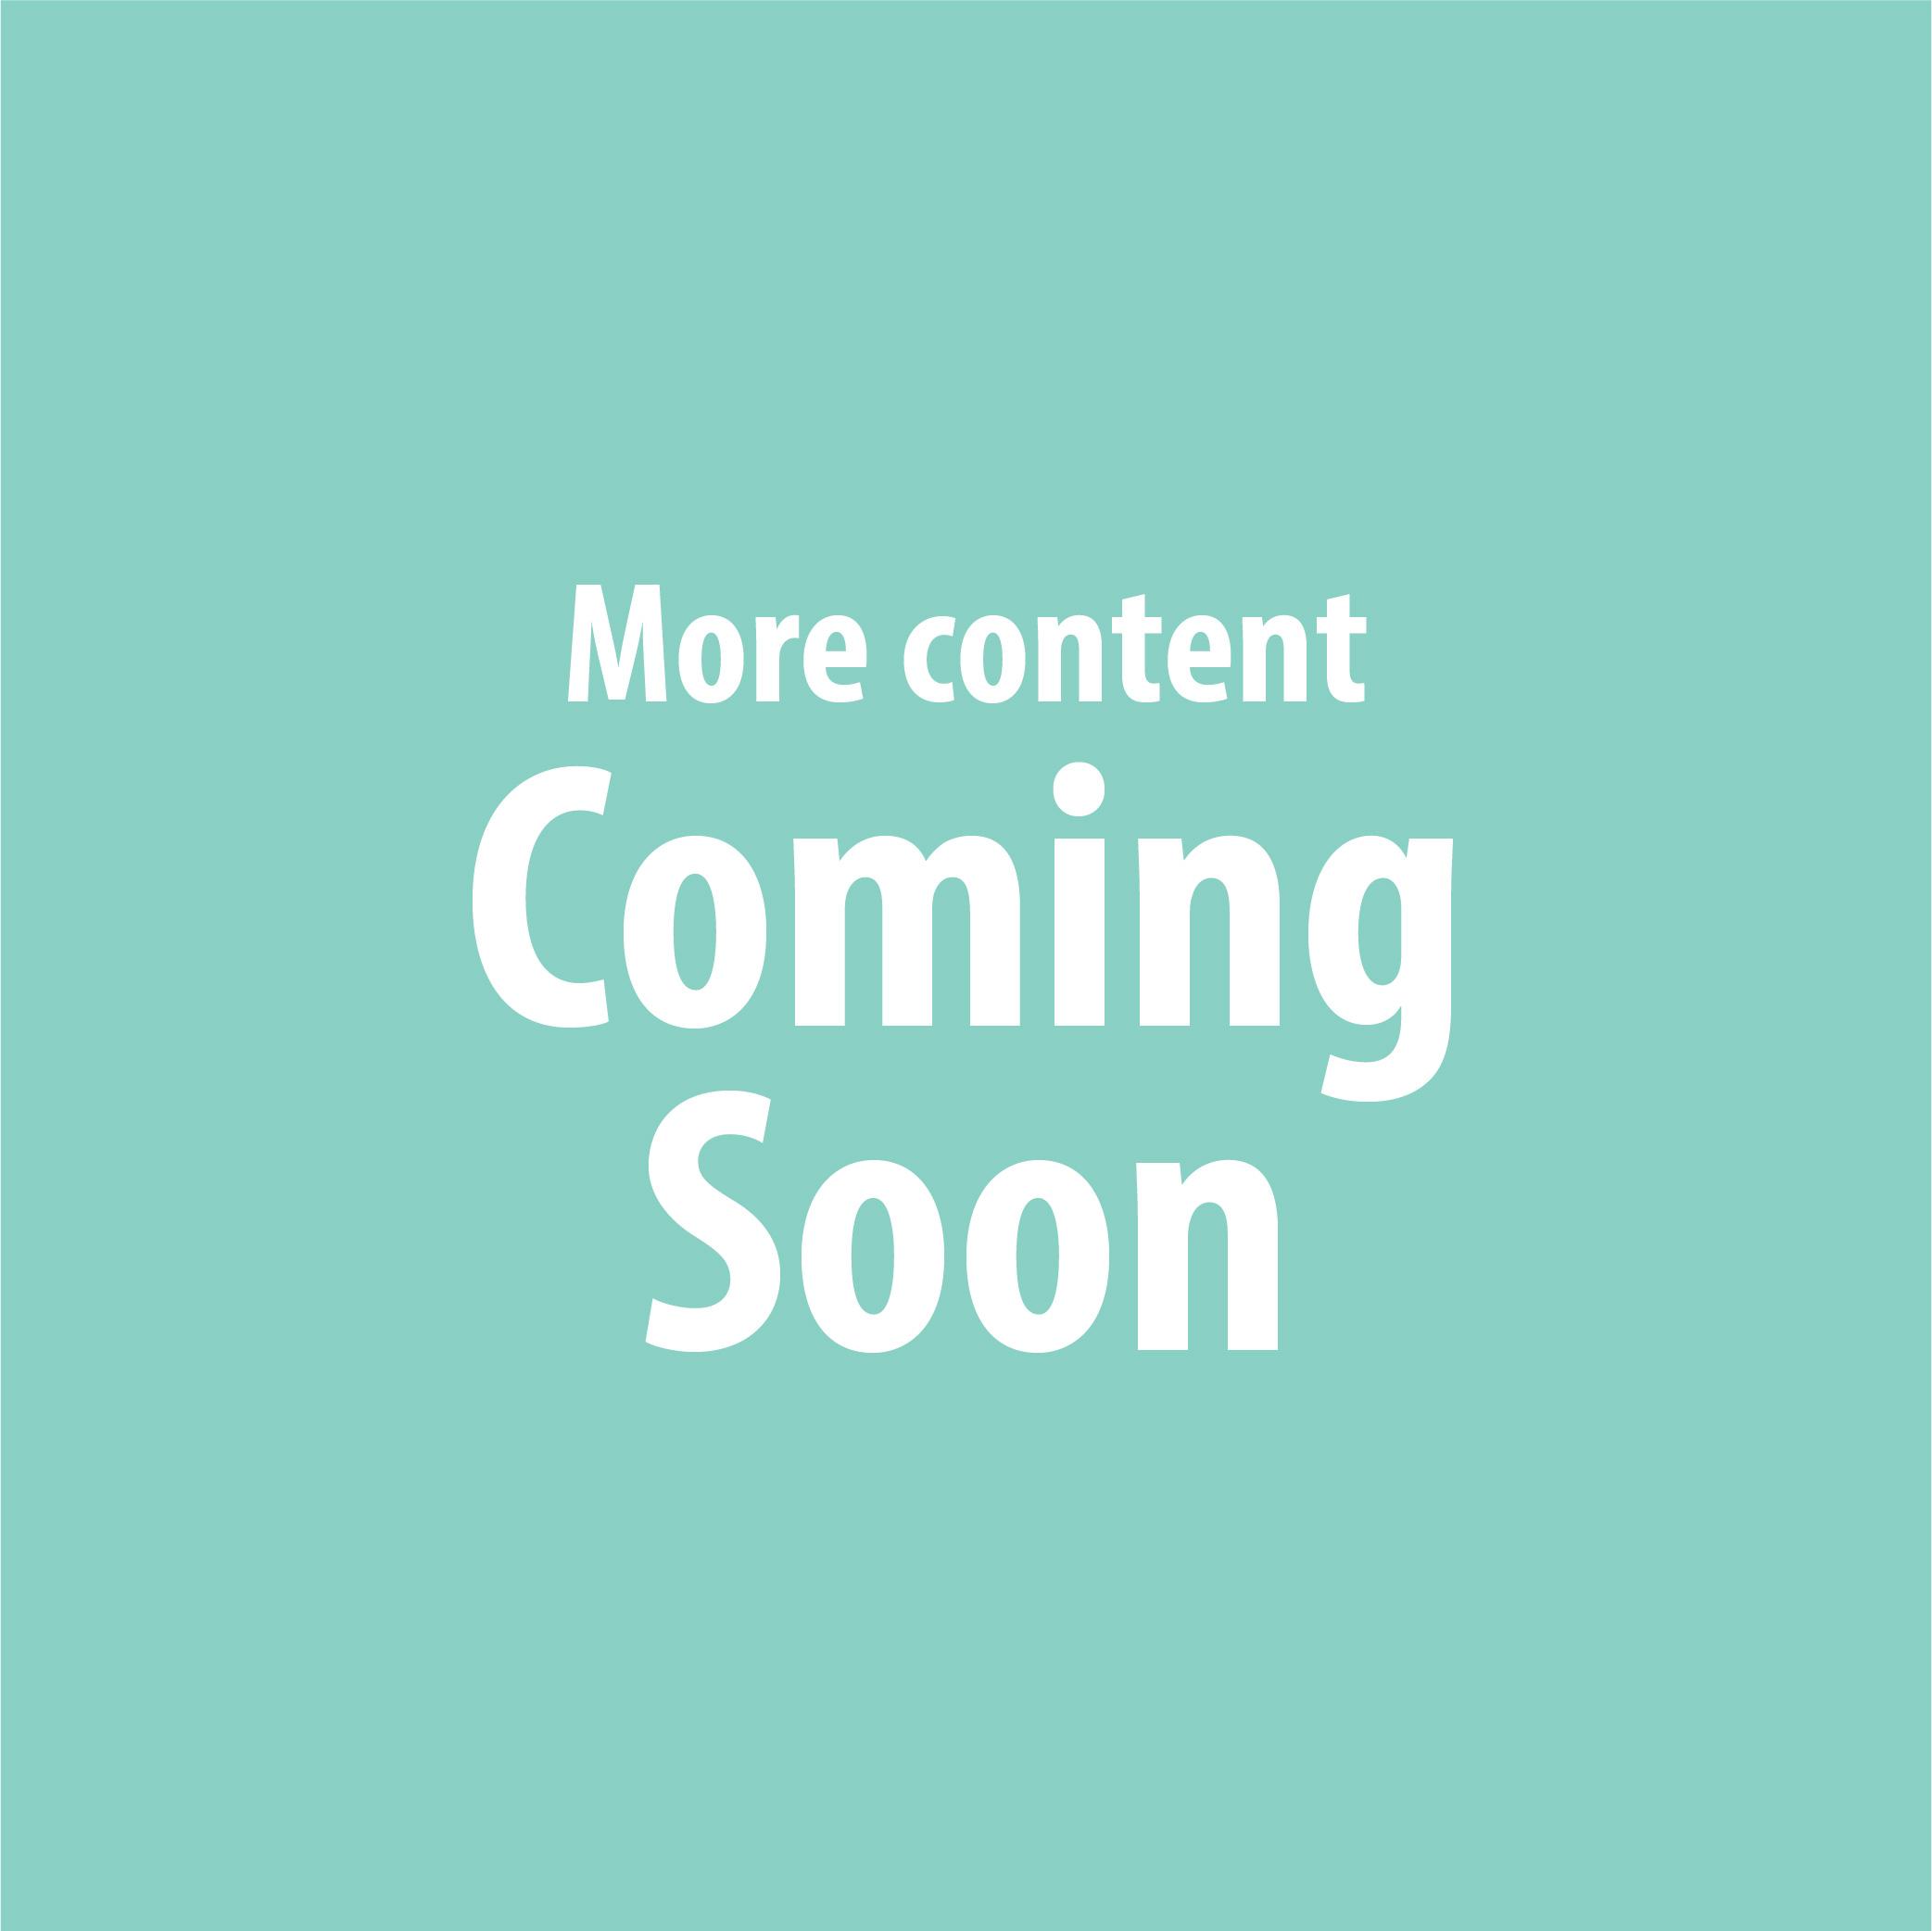 Coming Soon-10-10.jpg